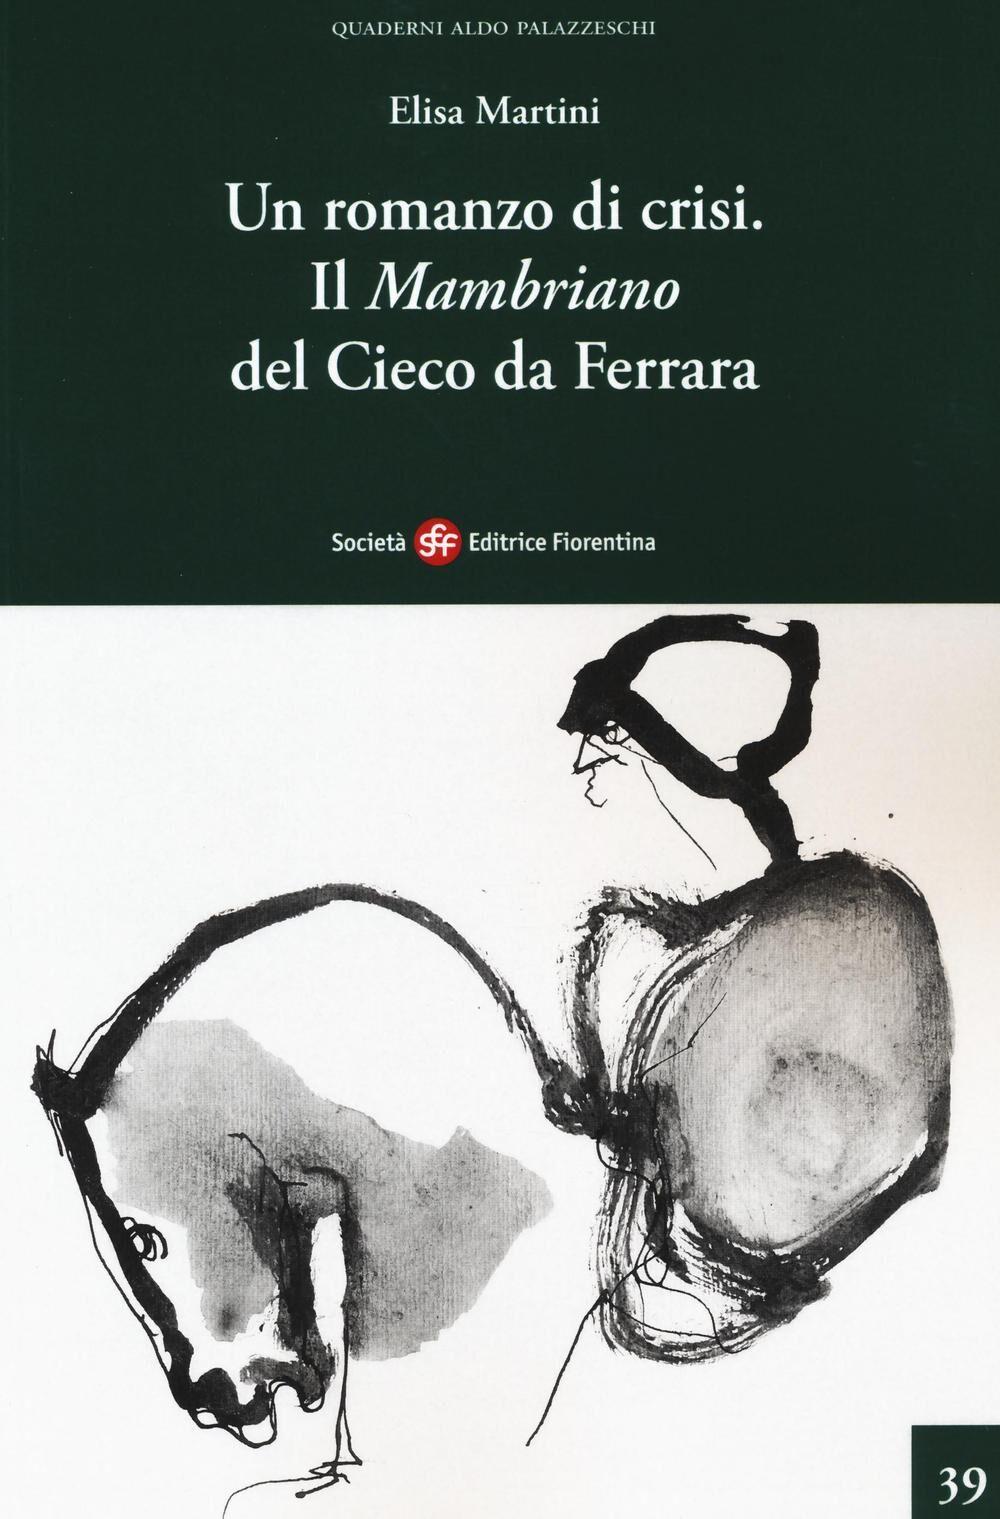 Un romanzo di crisi. Il «Mambriano» del Cieco da Ferrara